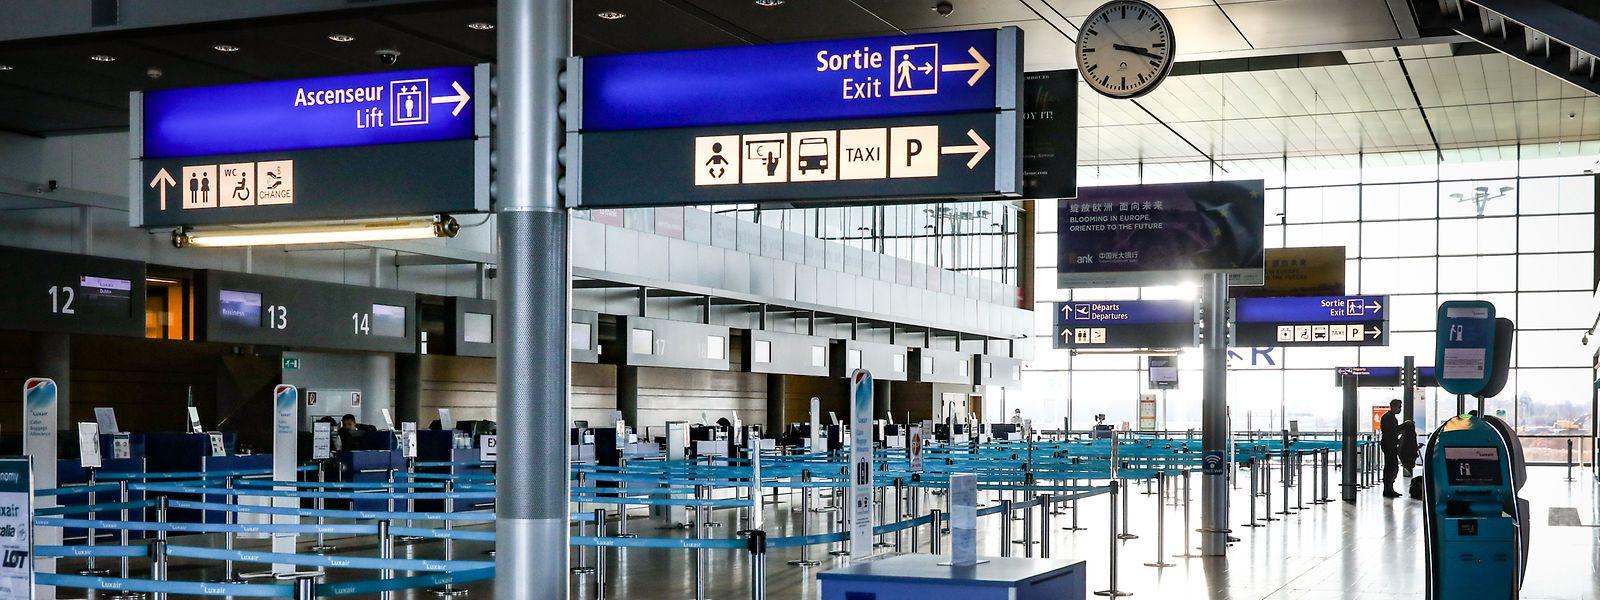 Ein leeres Terminal als Symbolbild der Krise: Der Flughafen Luxemburg hat am 23. März den regulären Passagierverkehr bis auf Weiteres eingestellt.